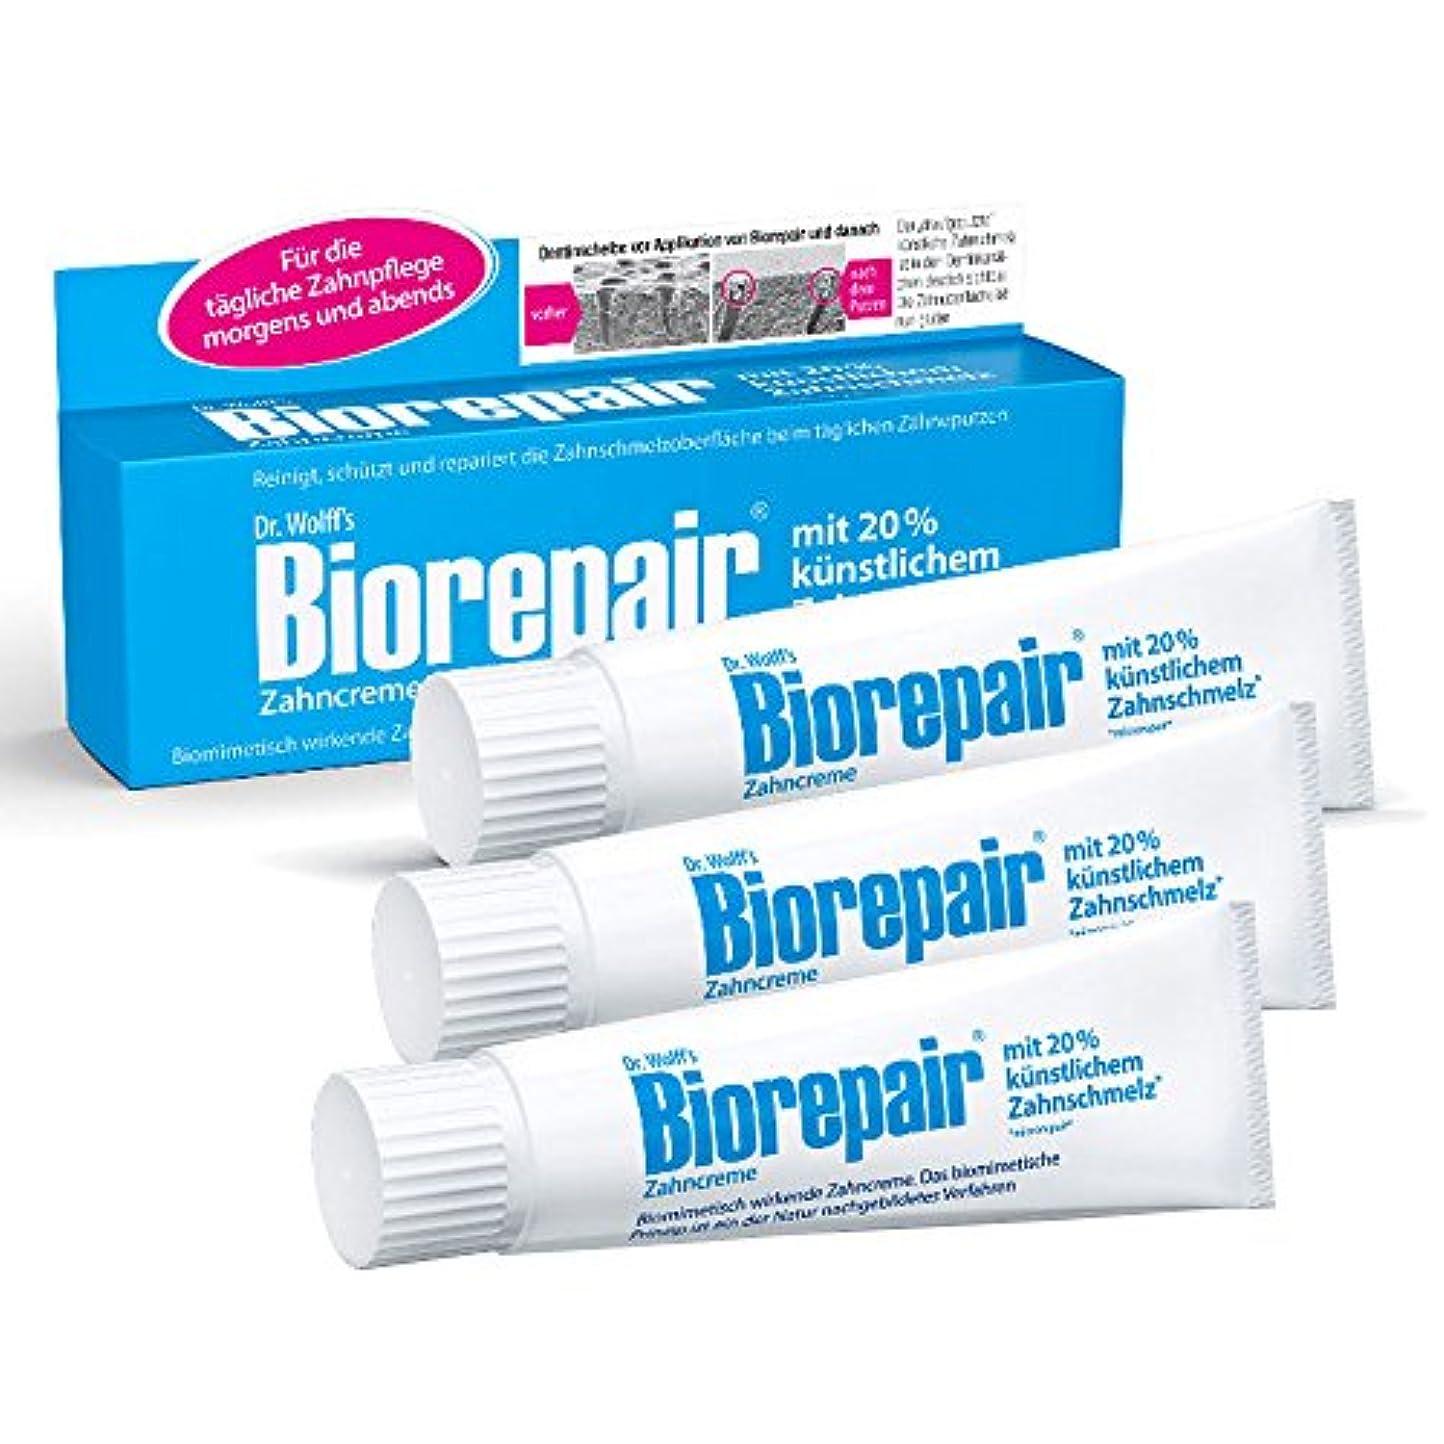 メンタリティ天国かなりBiorepair 歯磨き粉オリジナル、75ml 歯の保護 耐摩耗性 x 3 [並行輸入品]